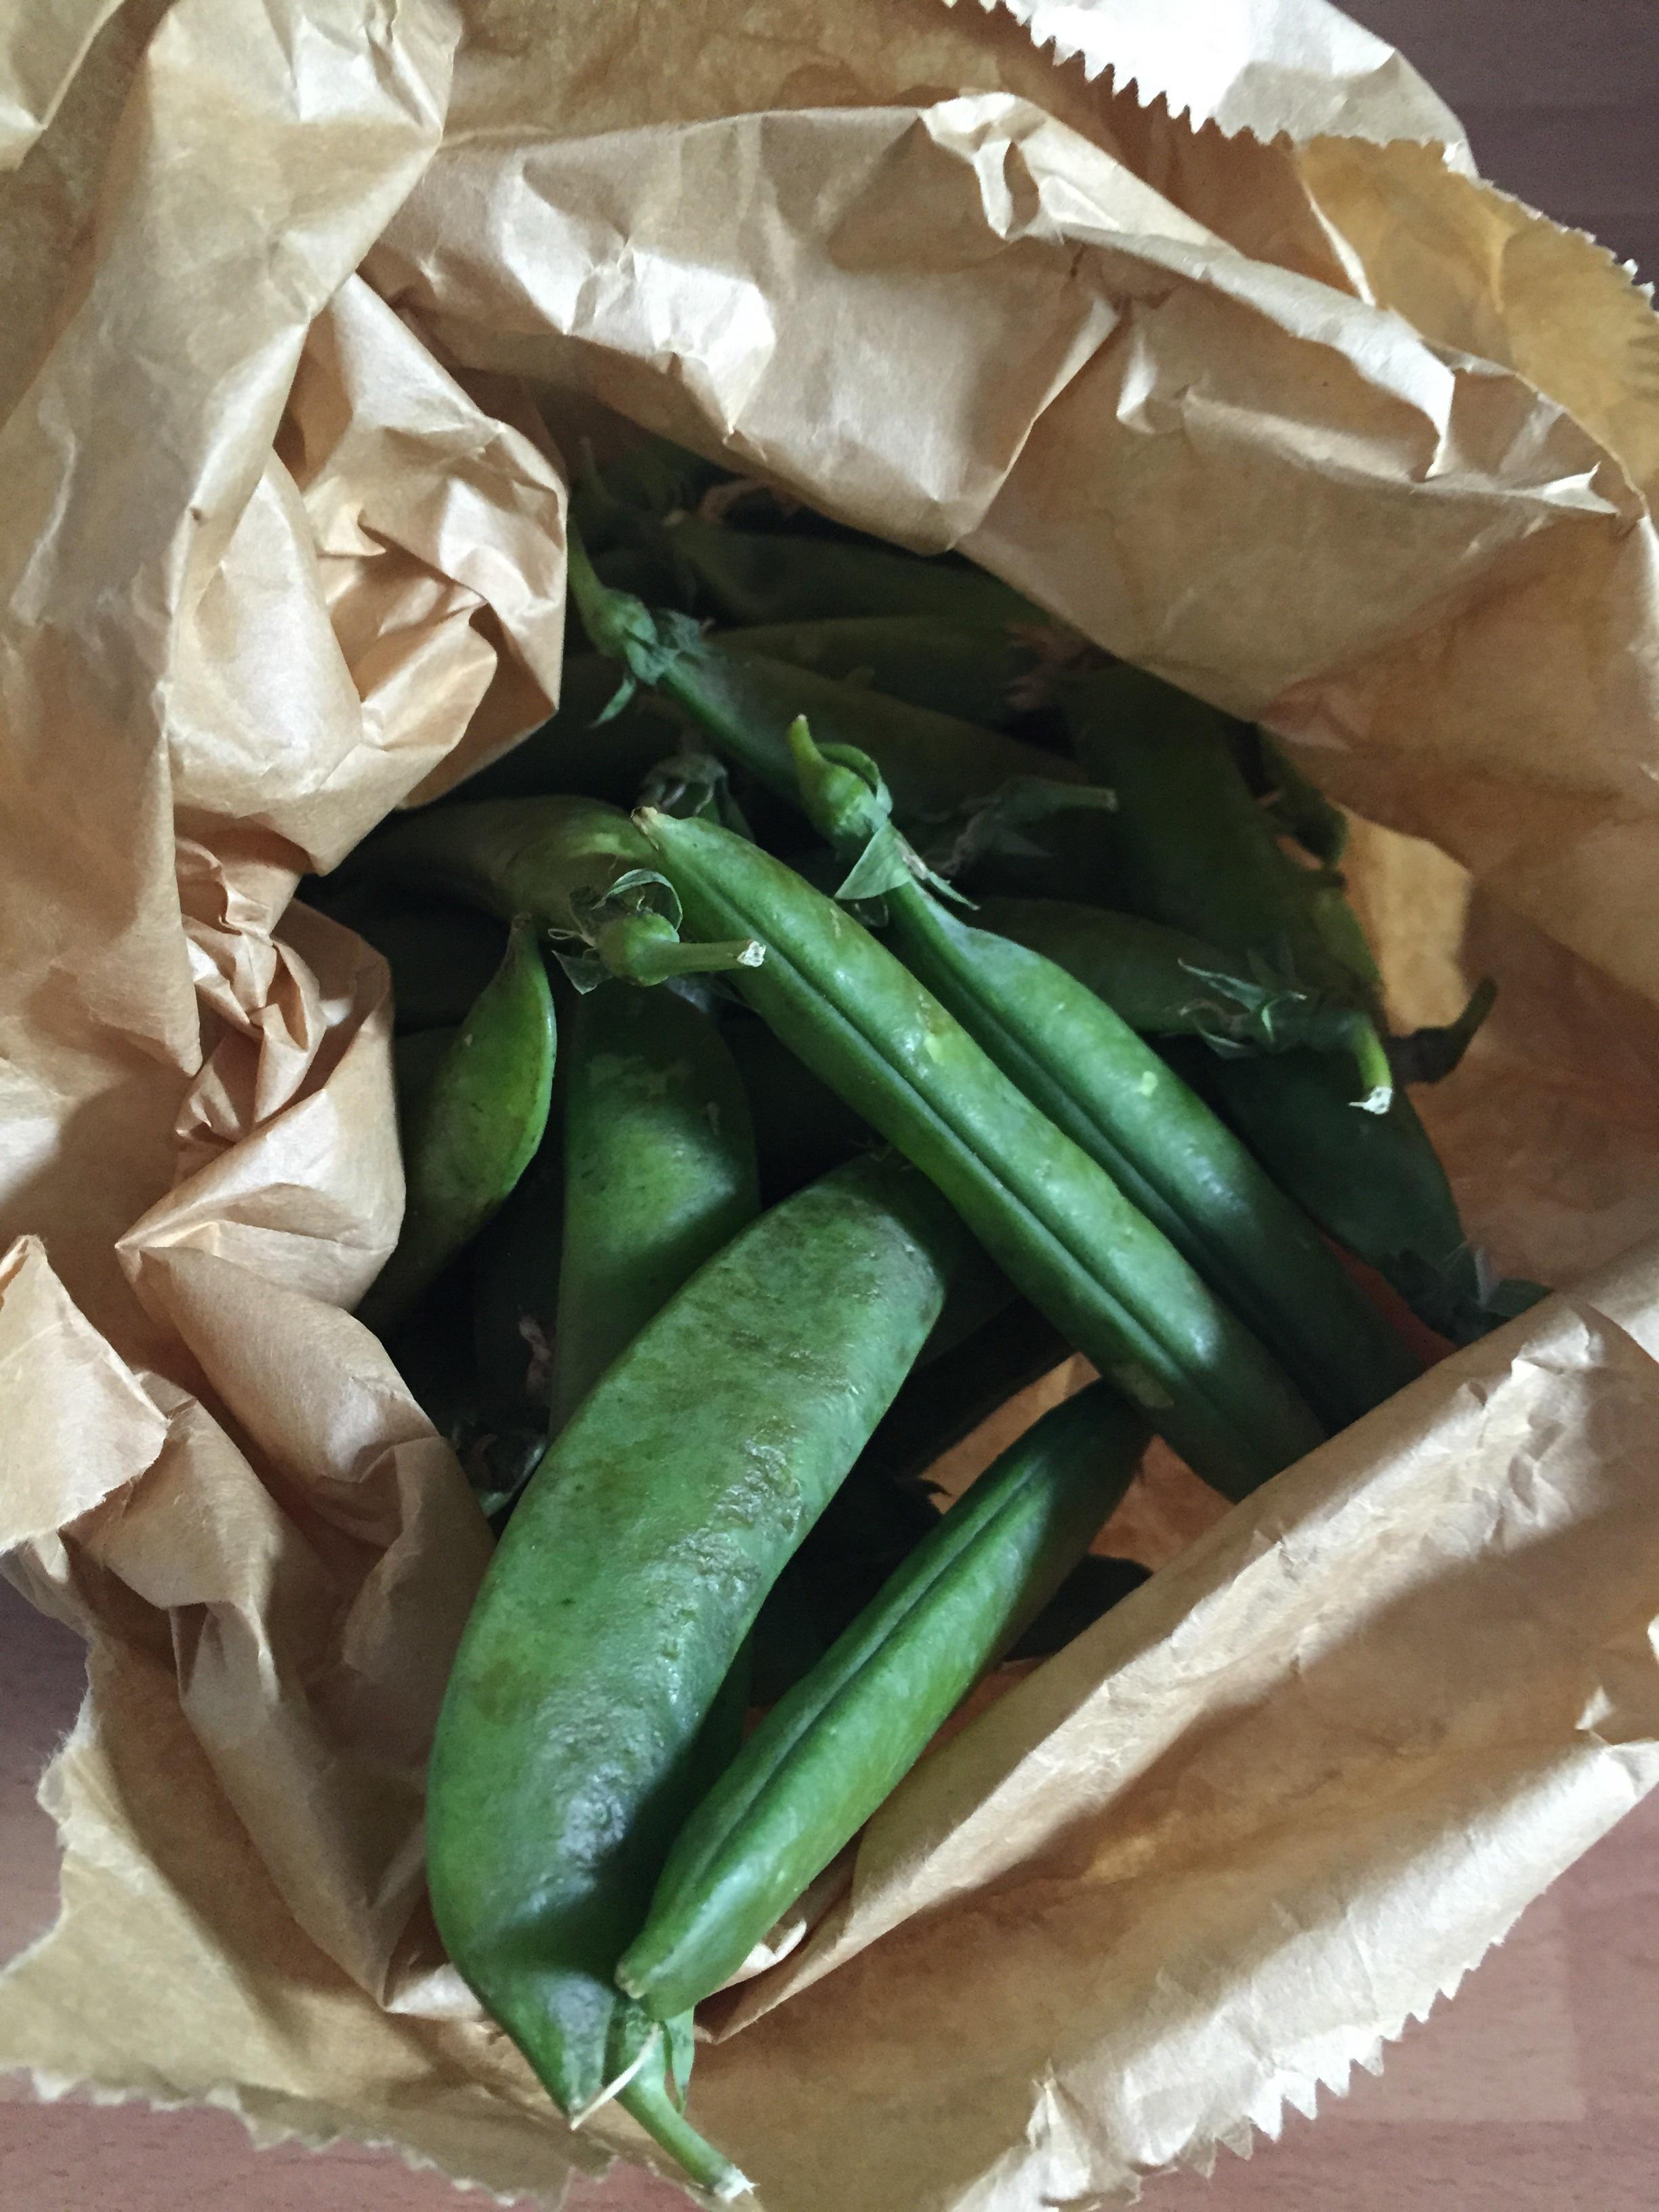 Garden peas in pods